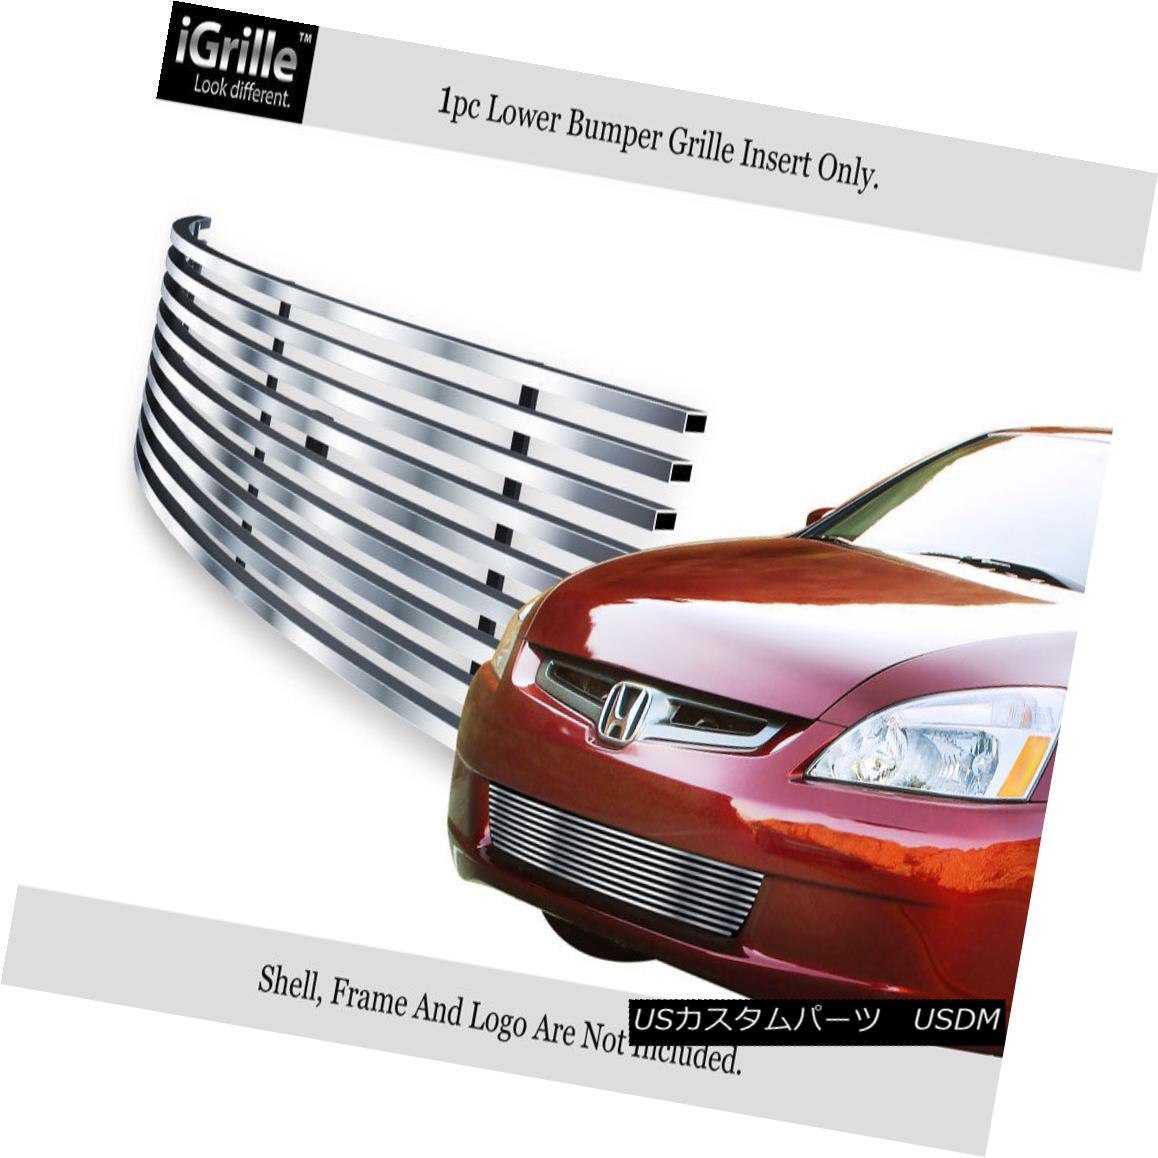 グリル Fits 03-05 Honda Accord Sedan Lower Bumper Stainless Steel Billet Grille フィット03-05ホンダアコードセダンロワーバンパーステンレス鋼ビレットグリル